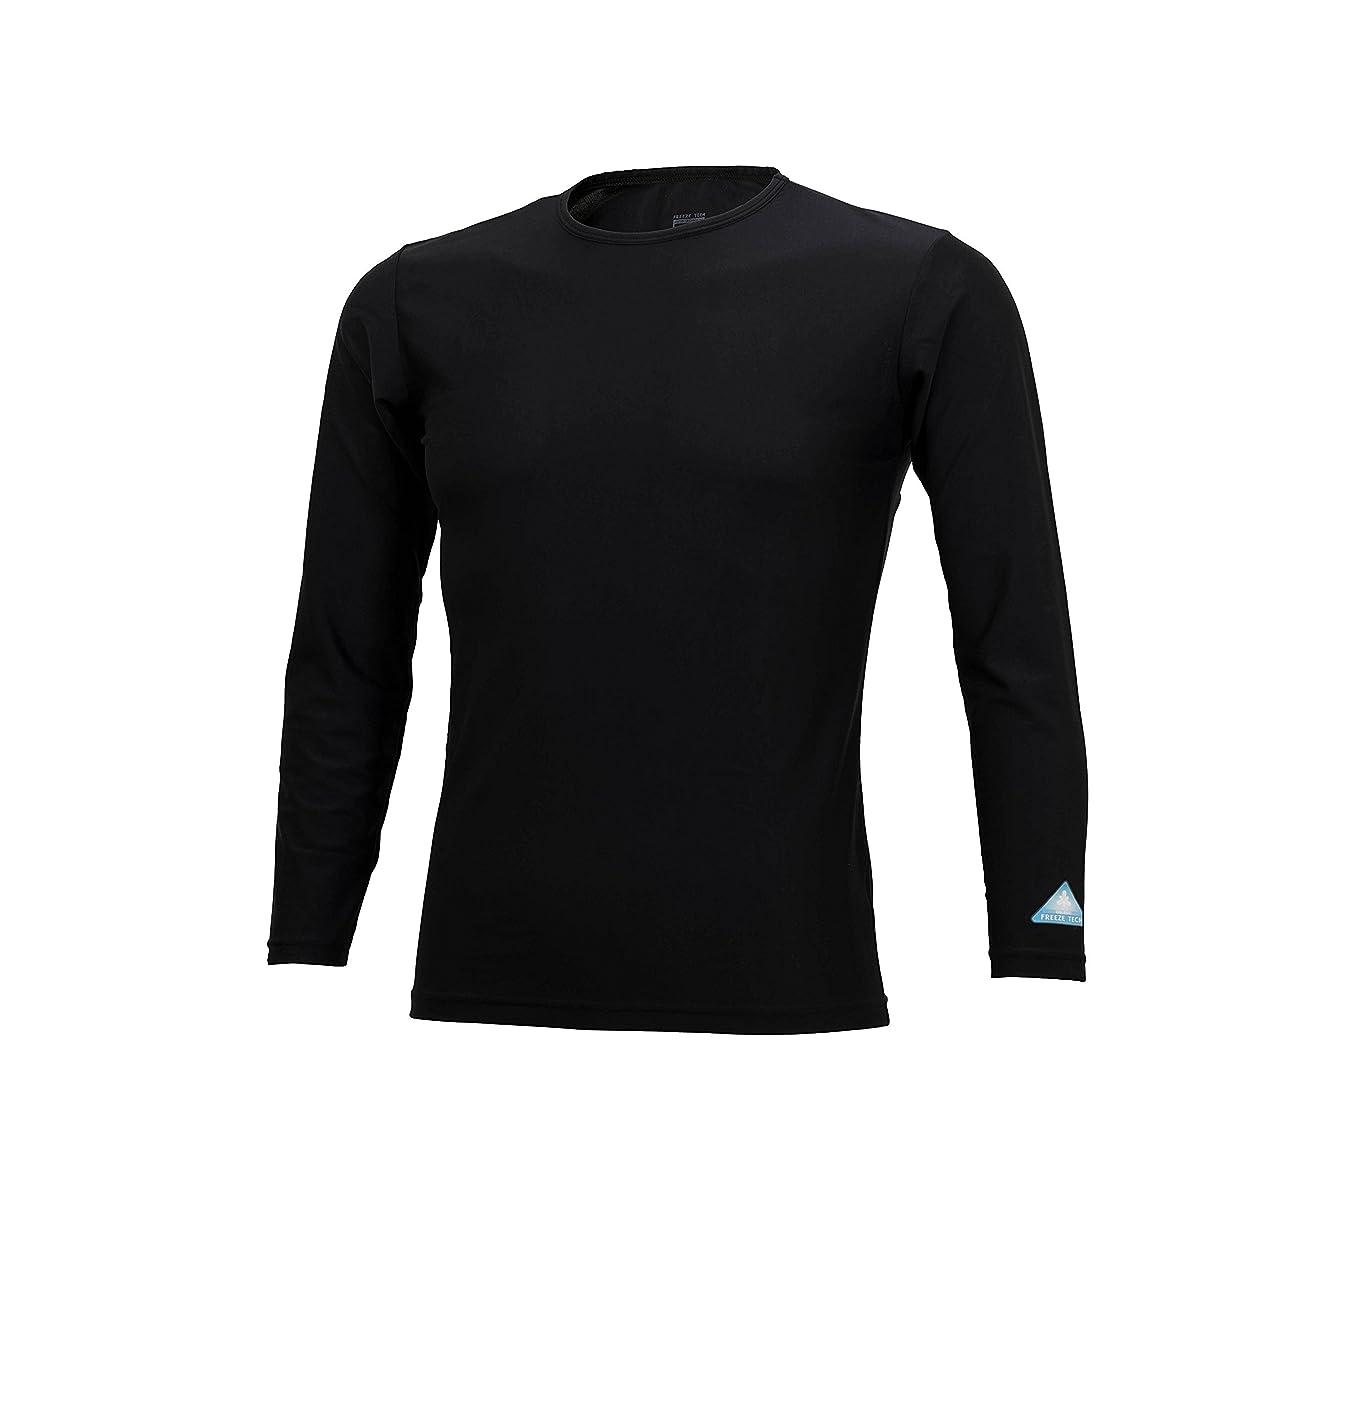 セッションペパーミント野球ナンカイ(NANKAI) テクノライダークールNEOインナーシャツ エンボス ブラック/レッド Size L SDW-3050